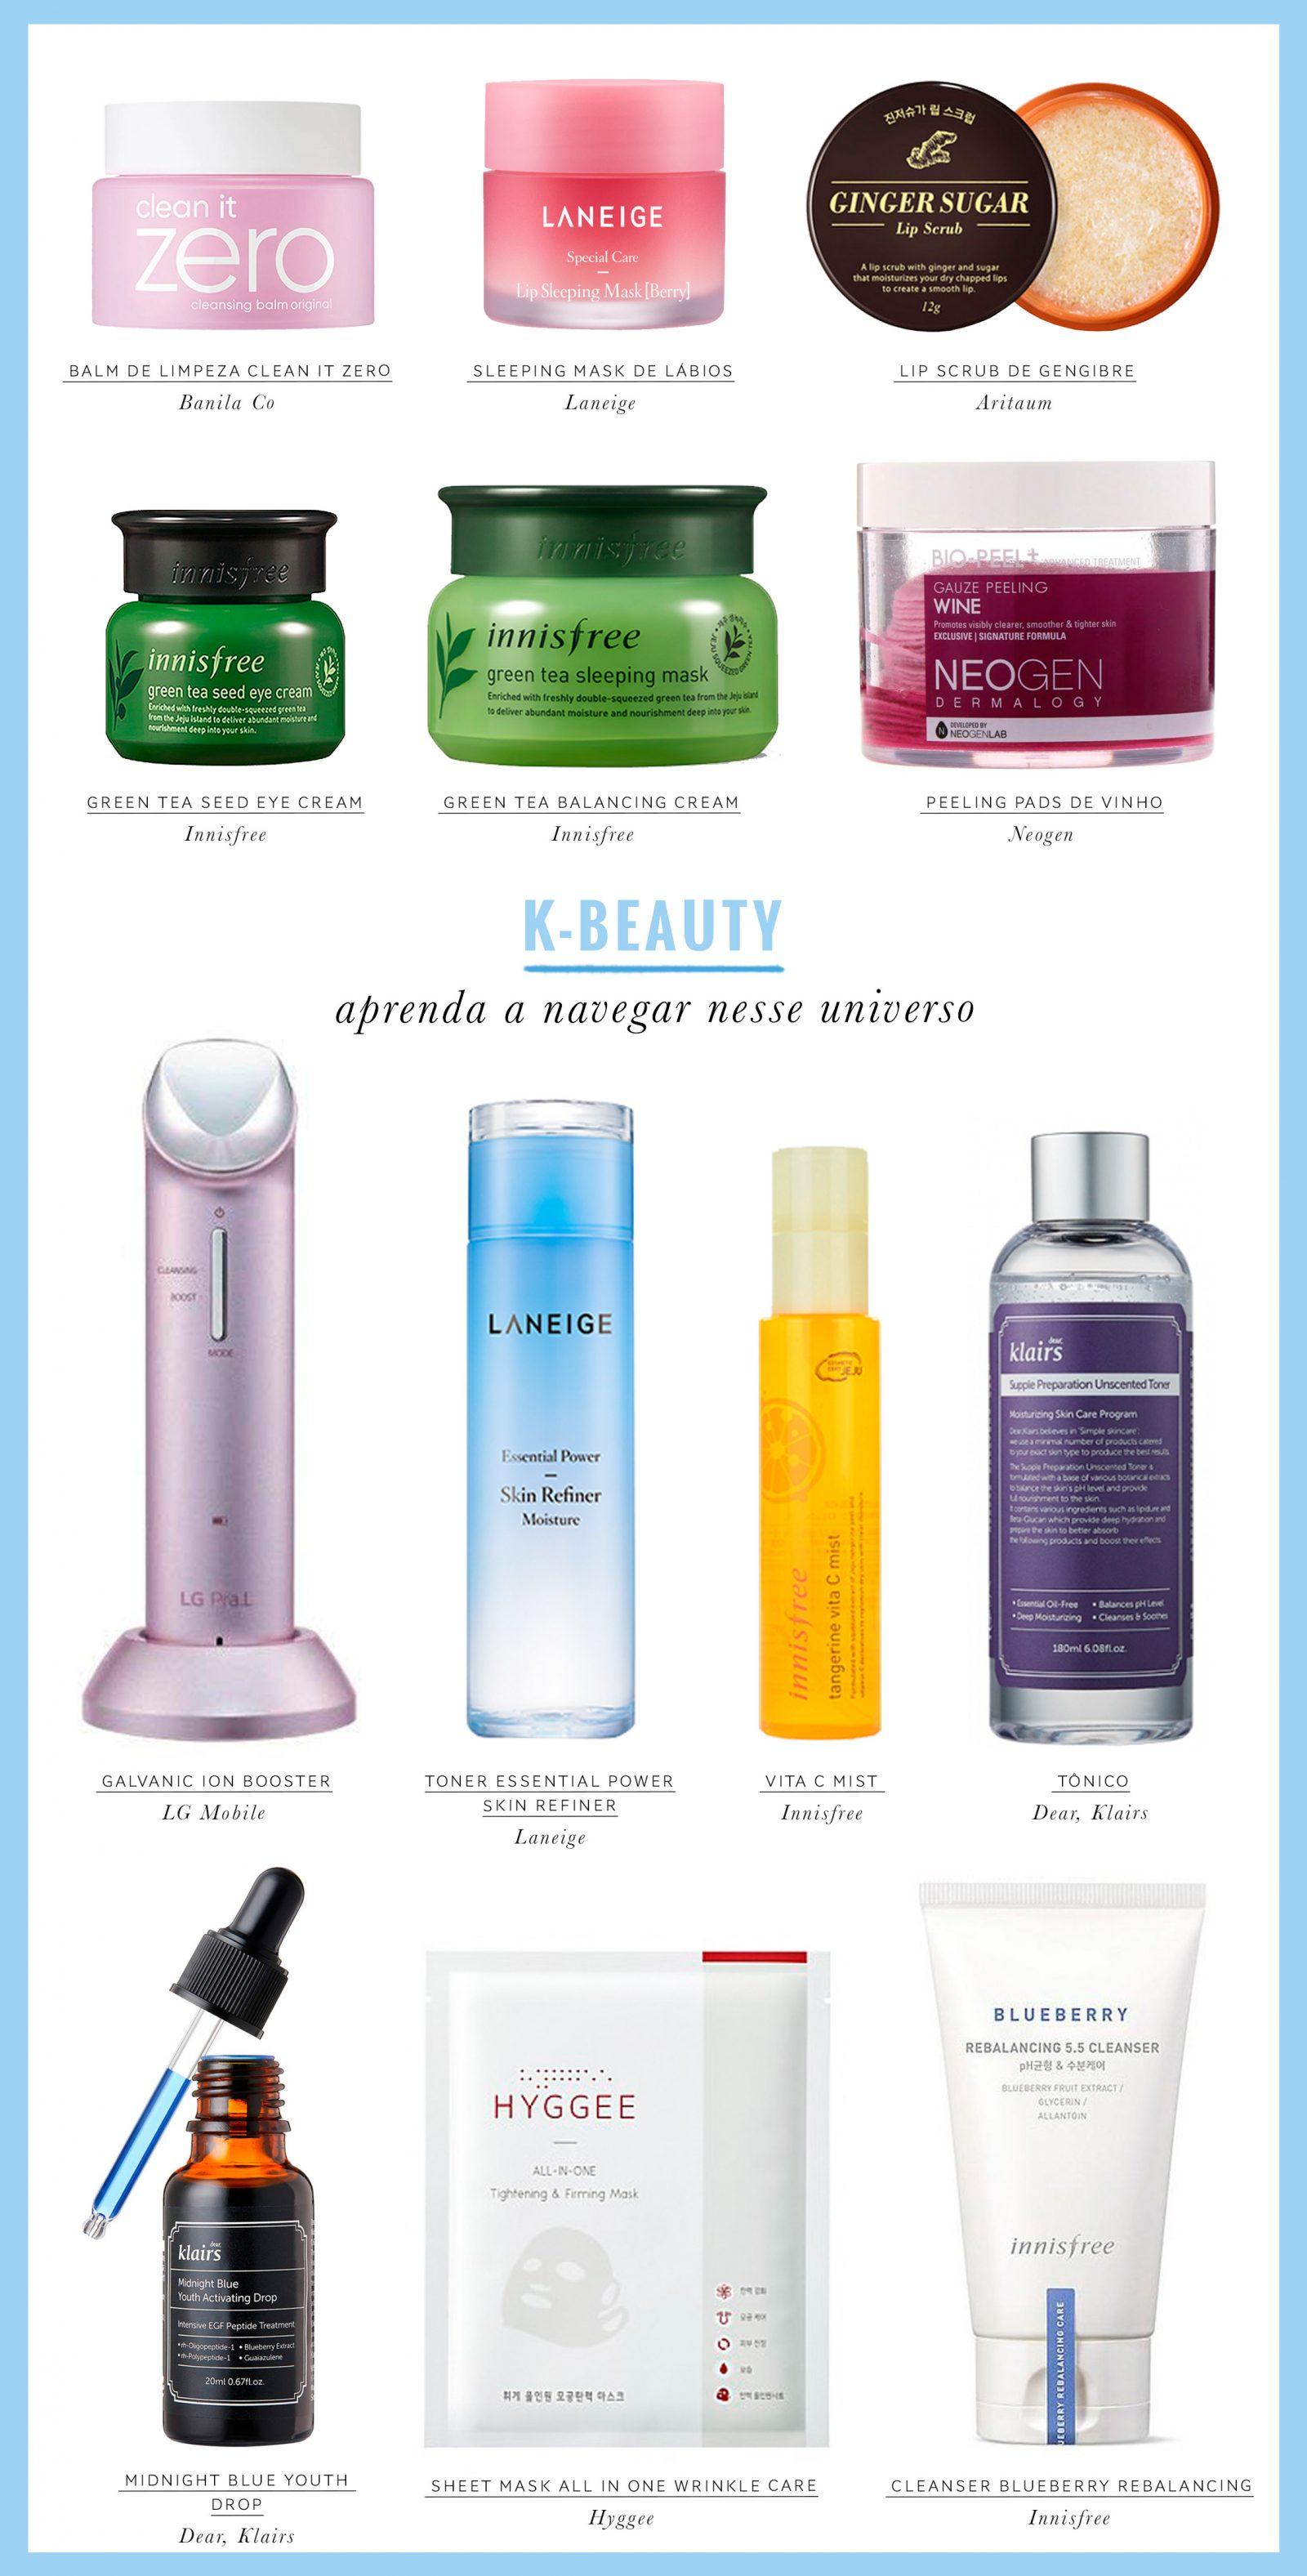 produtos para rotina coreana K-Beauty